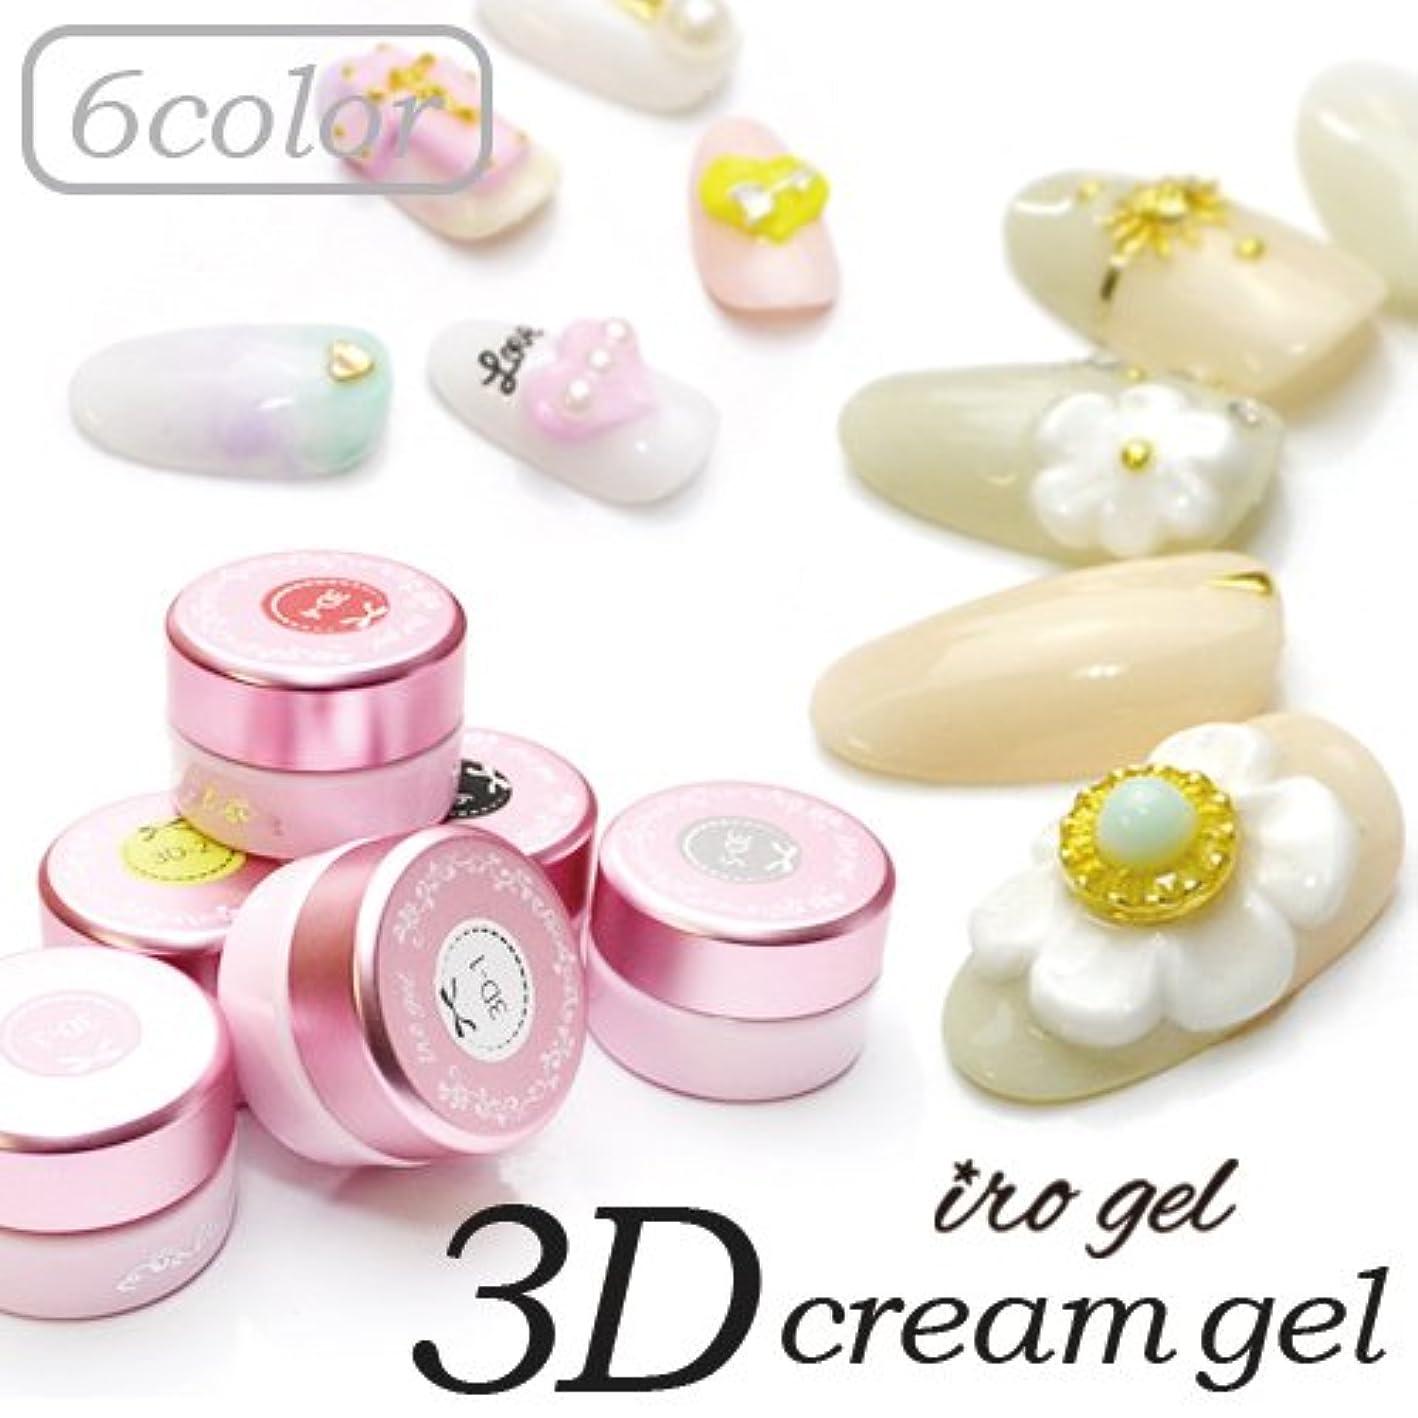 執着世紀レプリカ3D irogel(イロジェル)クリームジェル「1 ホワイト」3Dジェルネイル